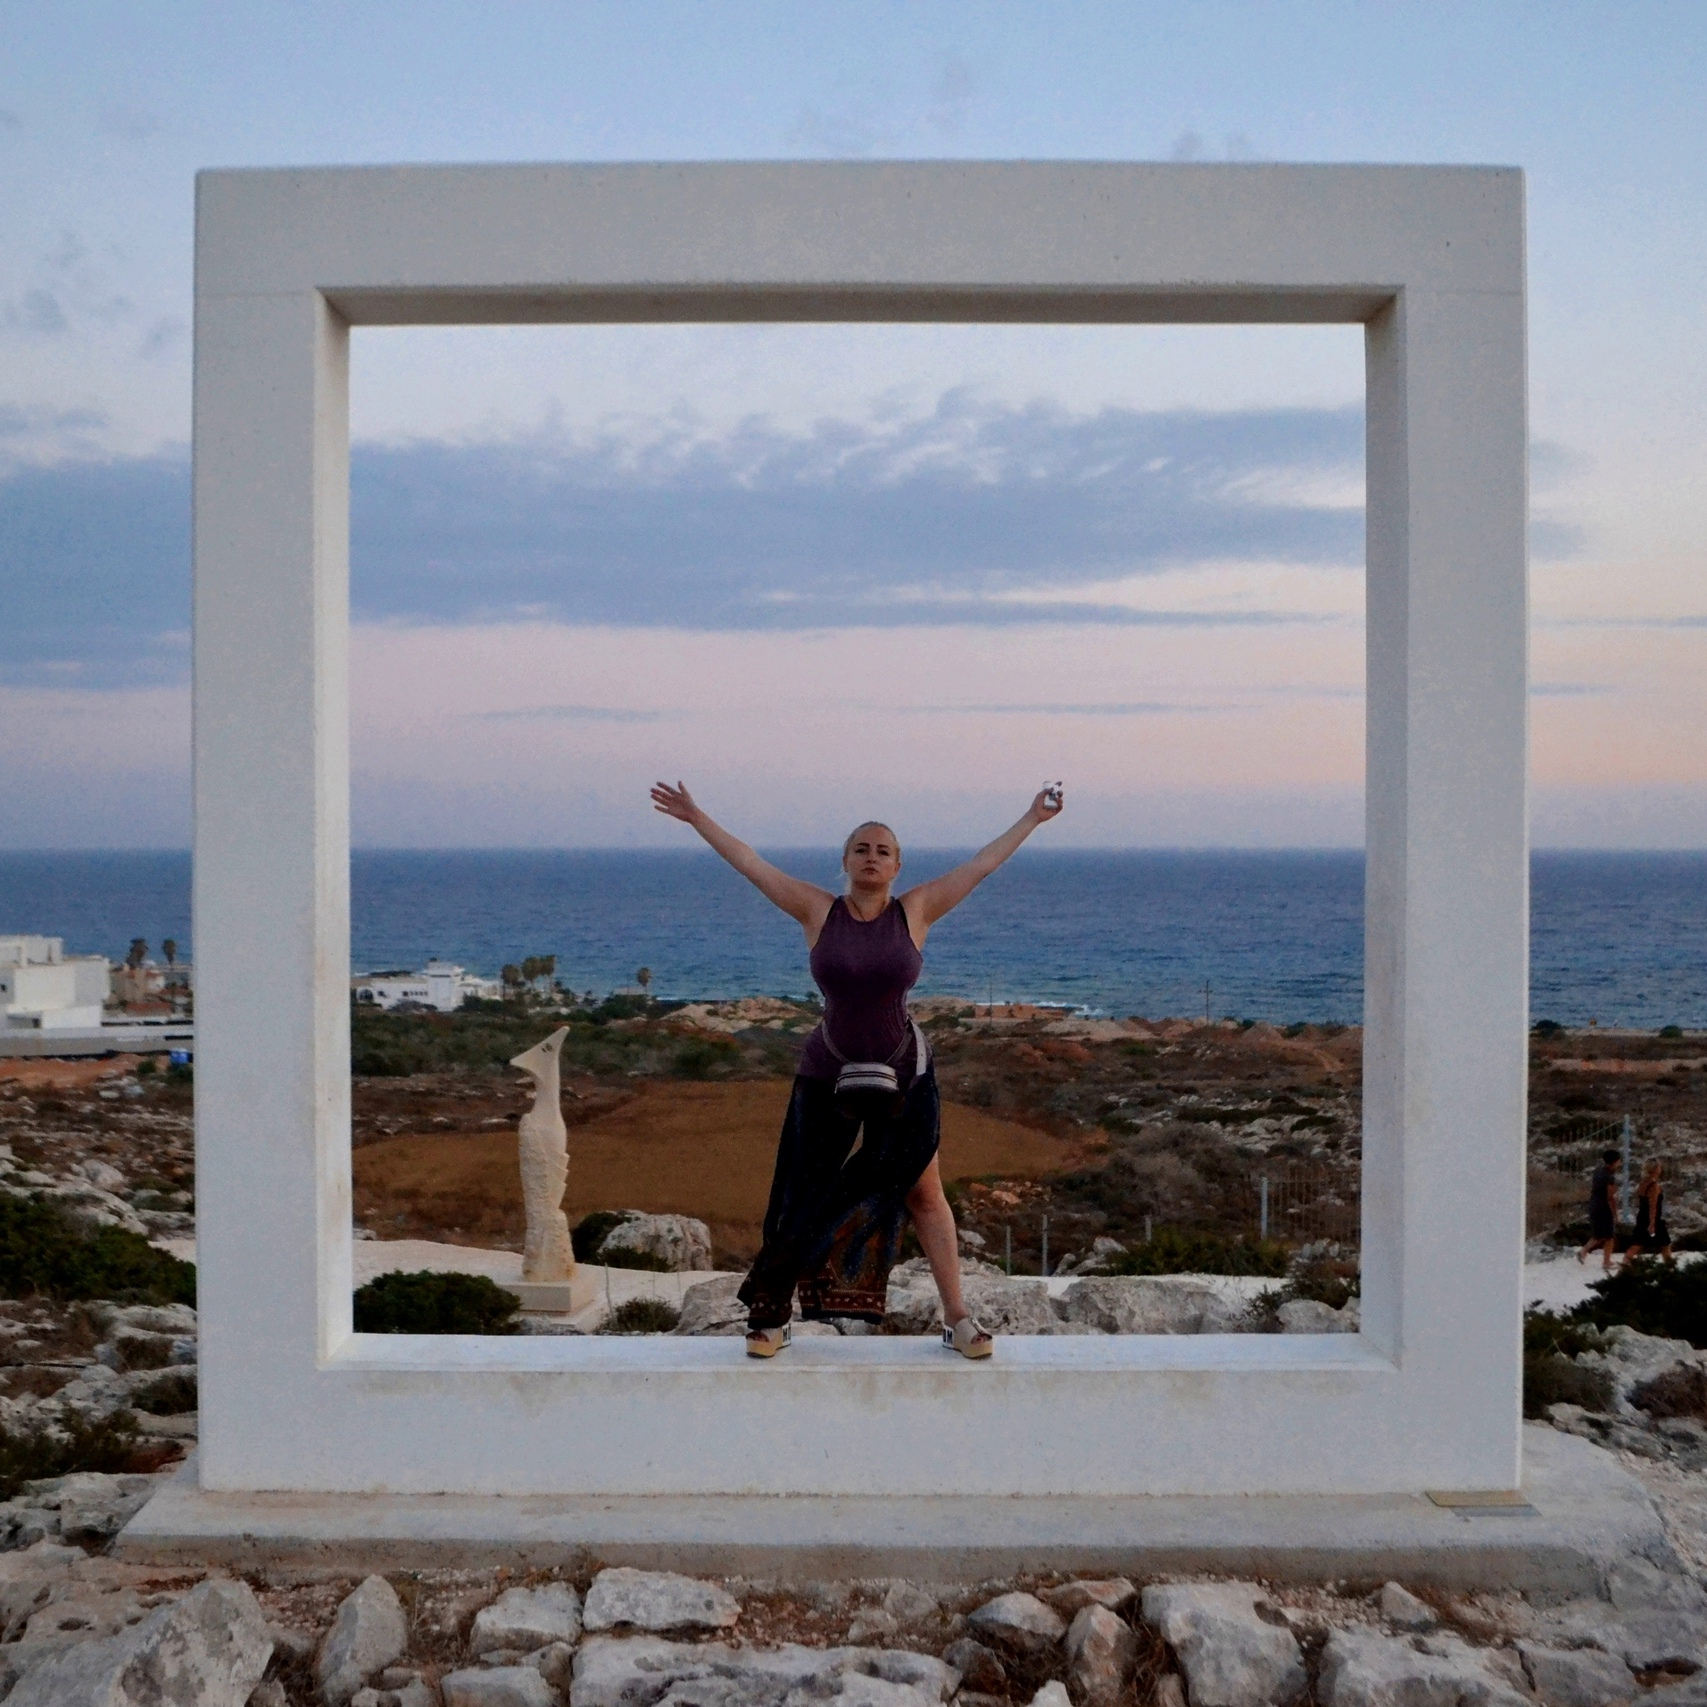 перелет - Елена Руденко (Валтея). Кипр мои впечатления. отзывы, достопримечательности, фото и видео.  O3AAkkeTOnU